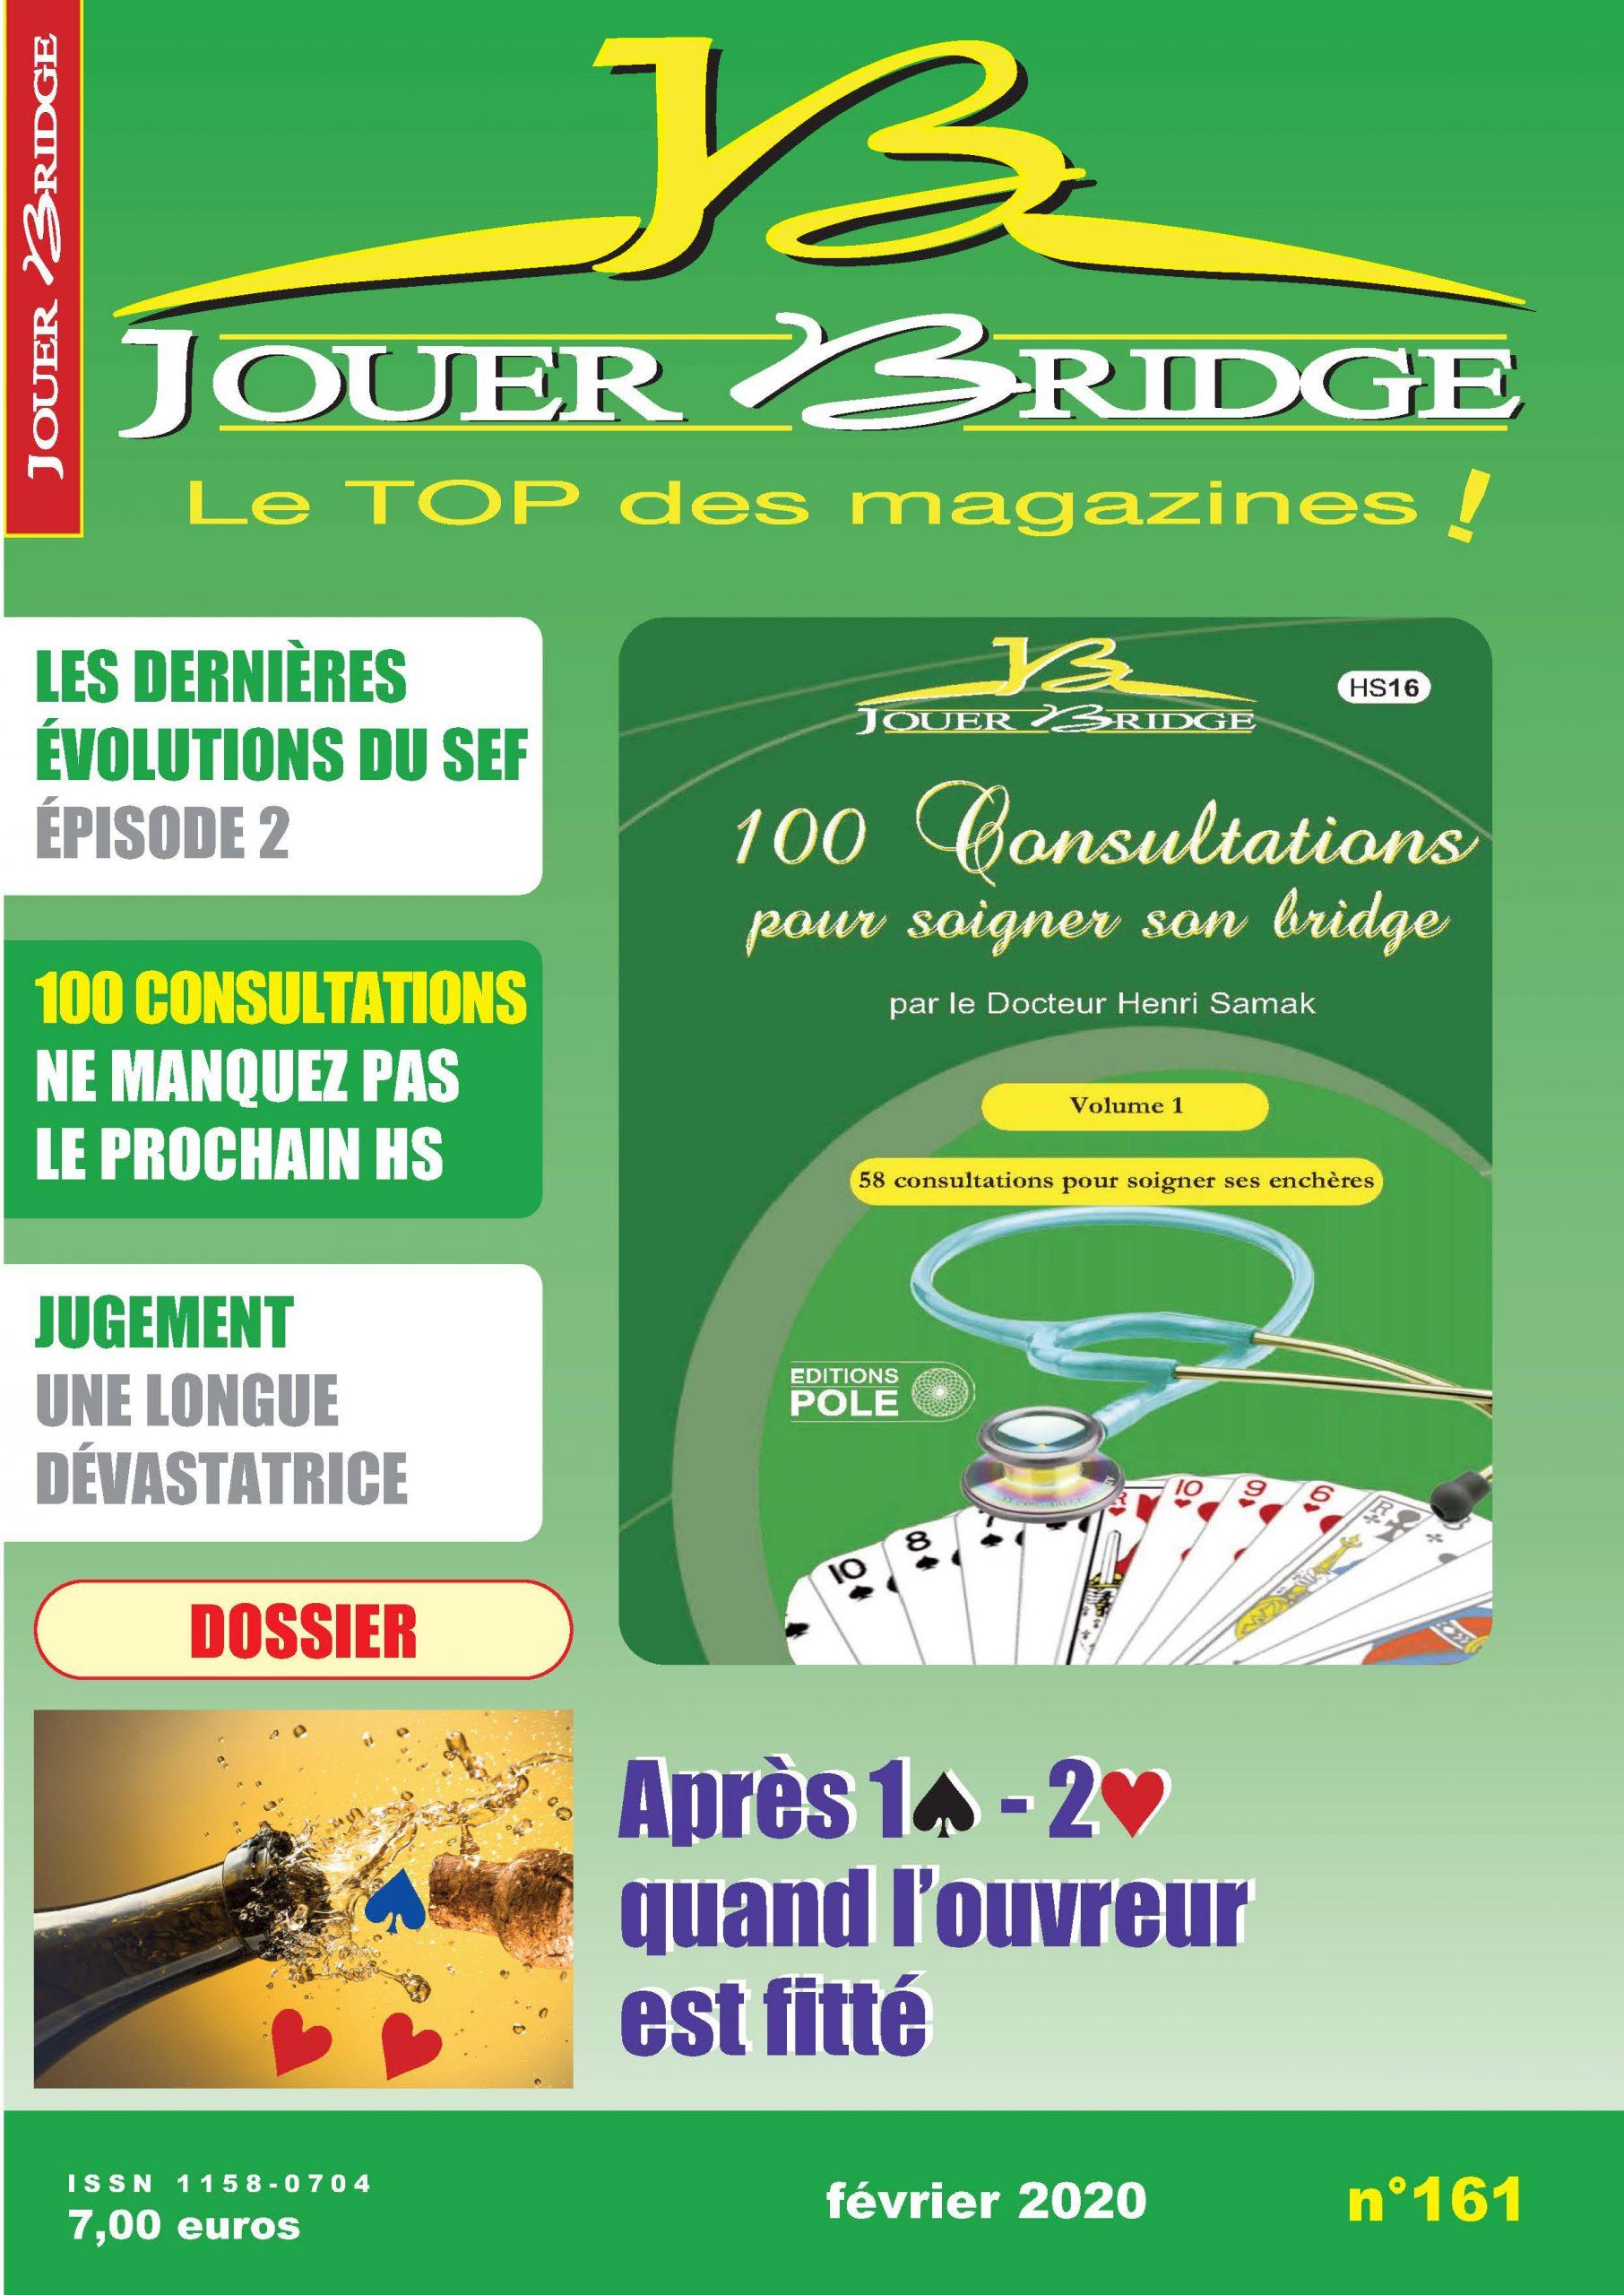 Jouer Bridge - Accueil concernant Jeu De Puissance 4 Gratuit En Ligne